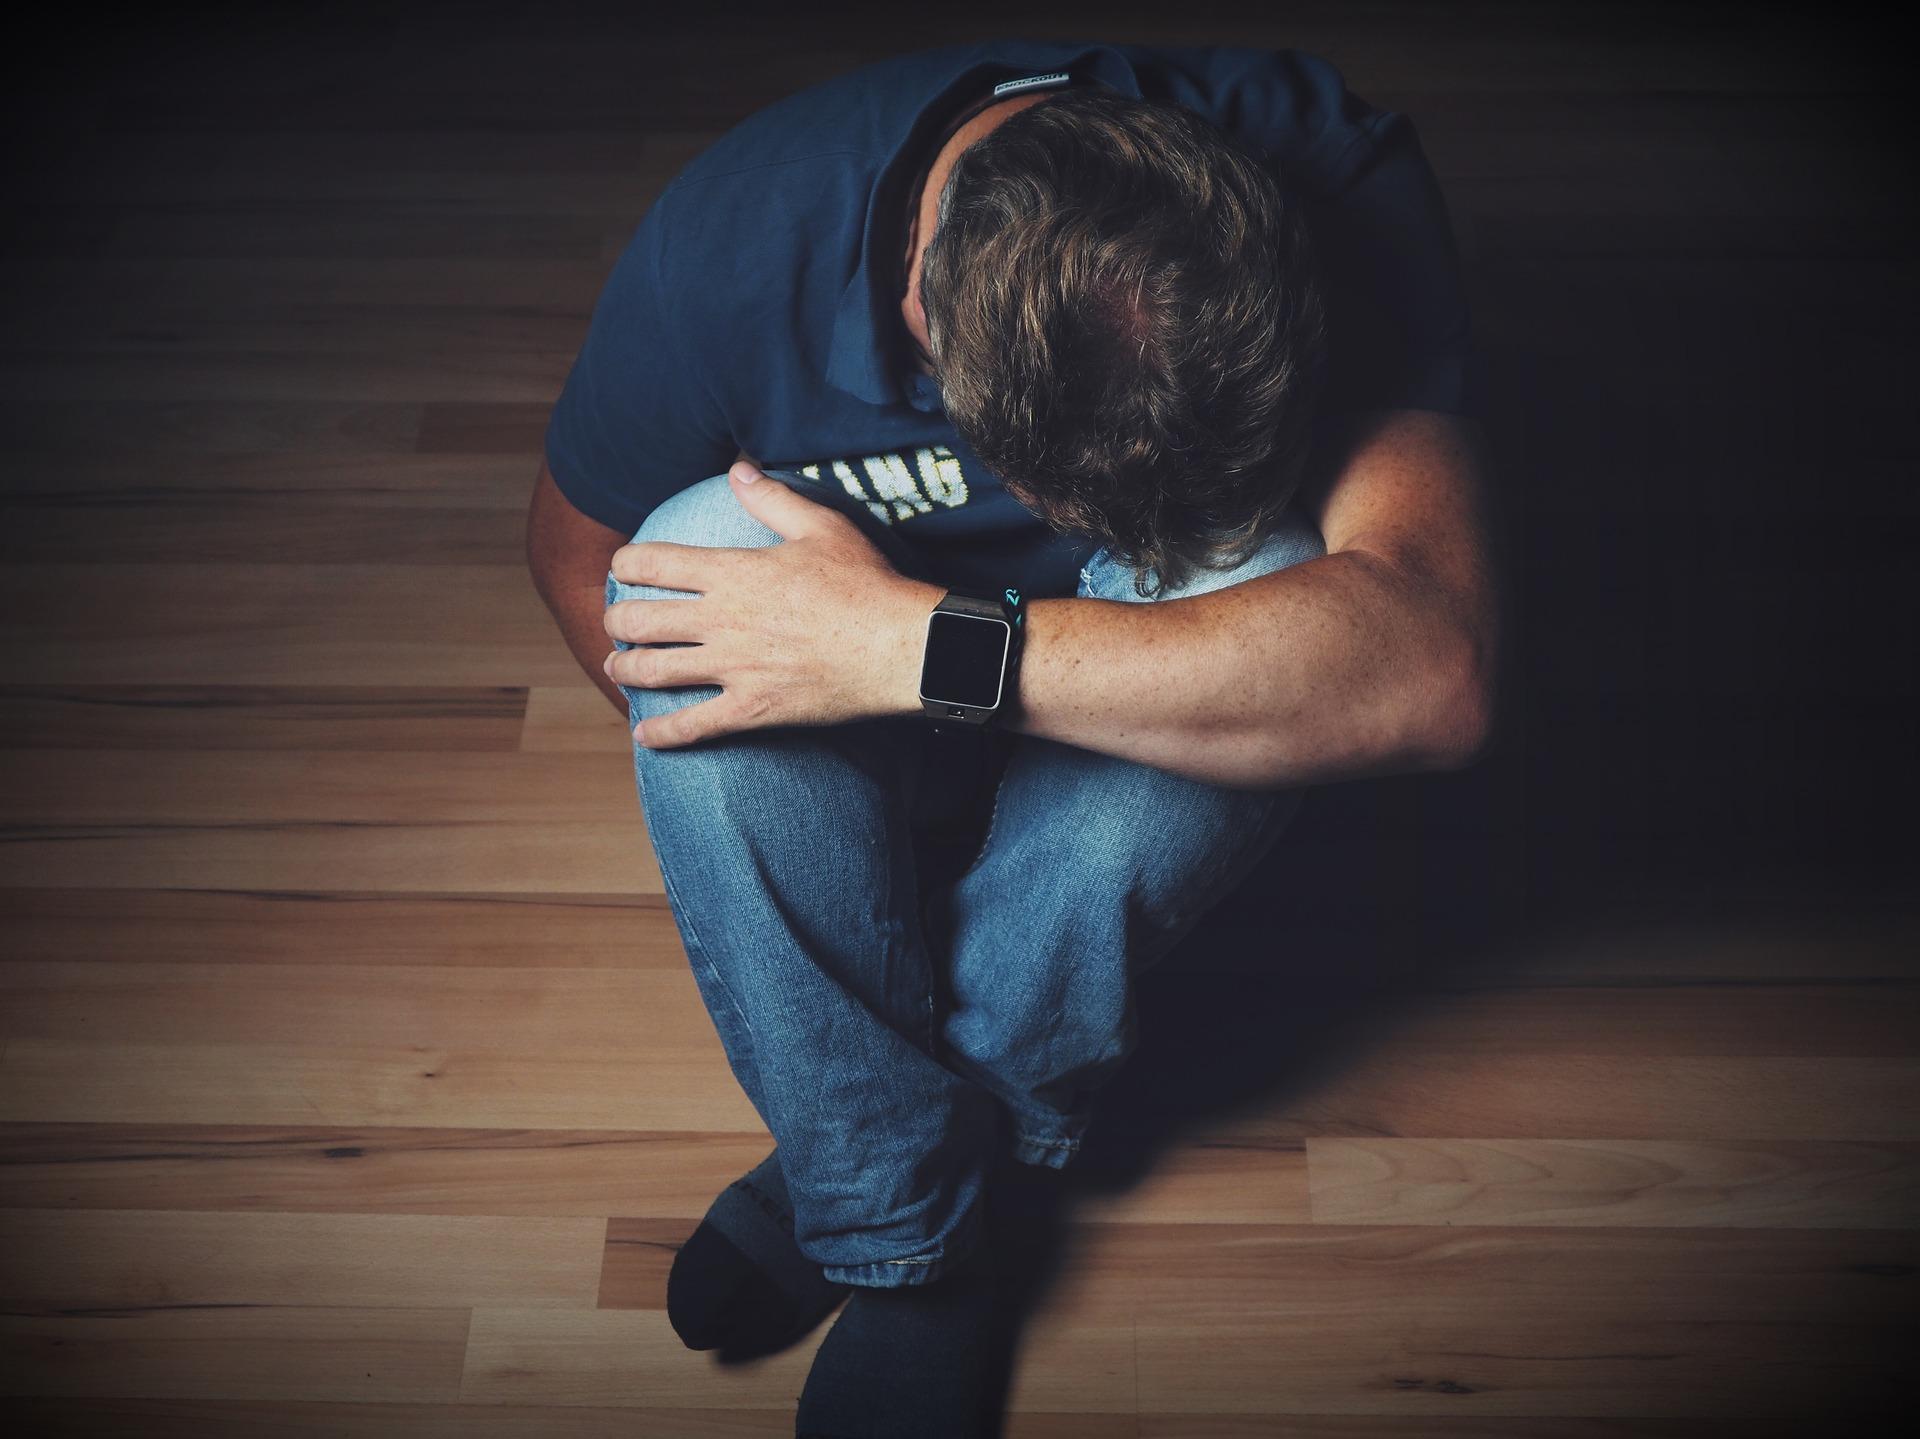 O que posso fazer para ajudar quem pensa em suicídio?